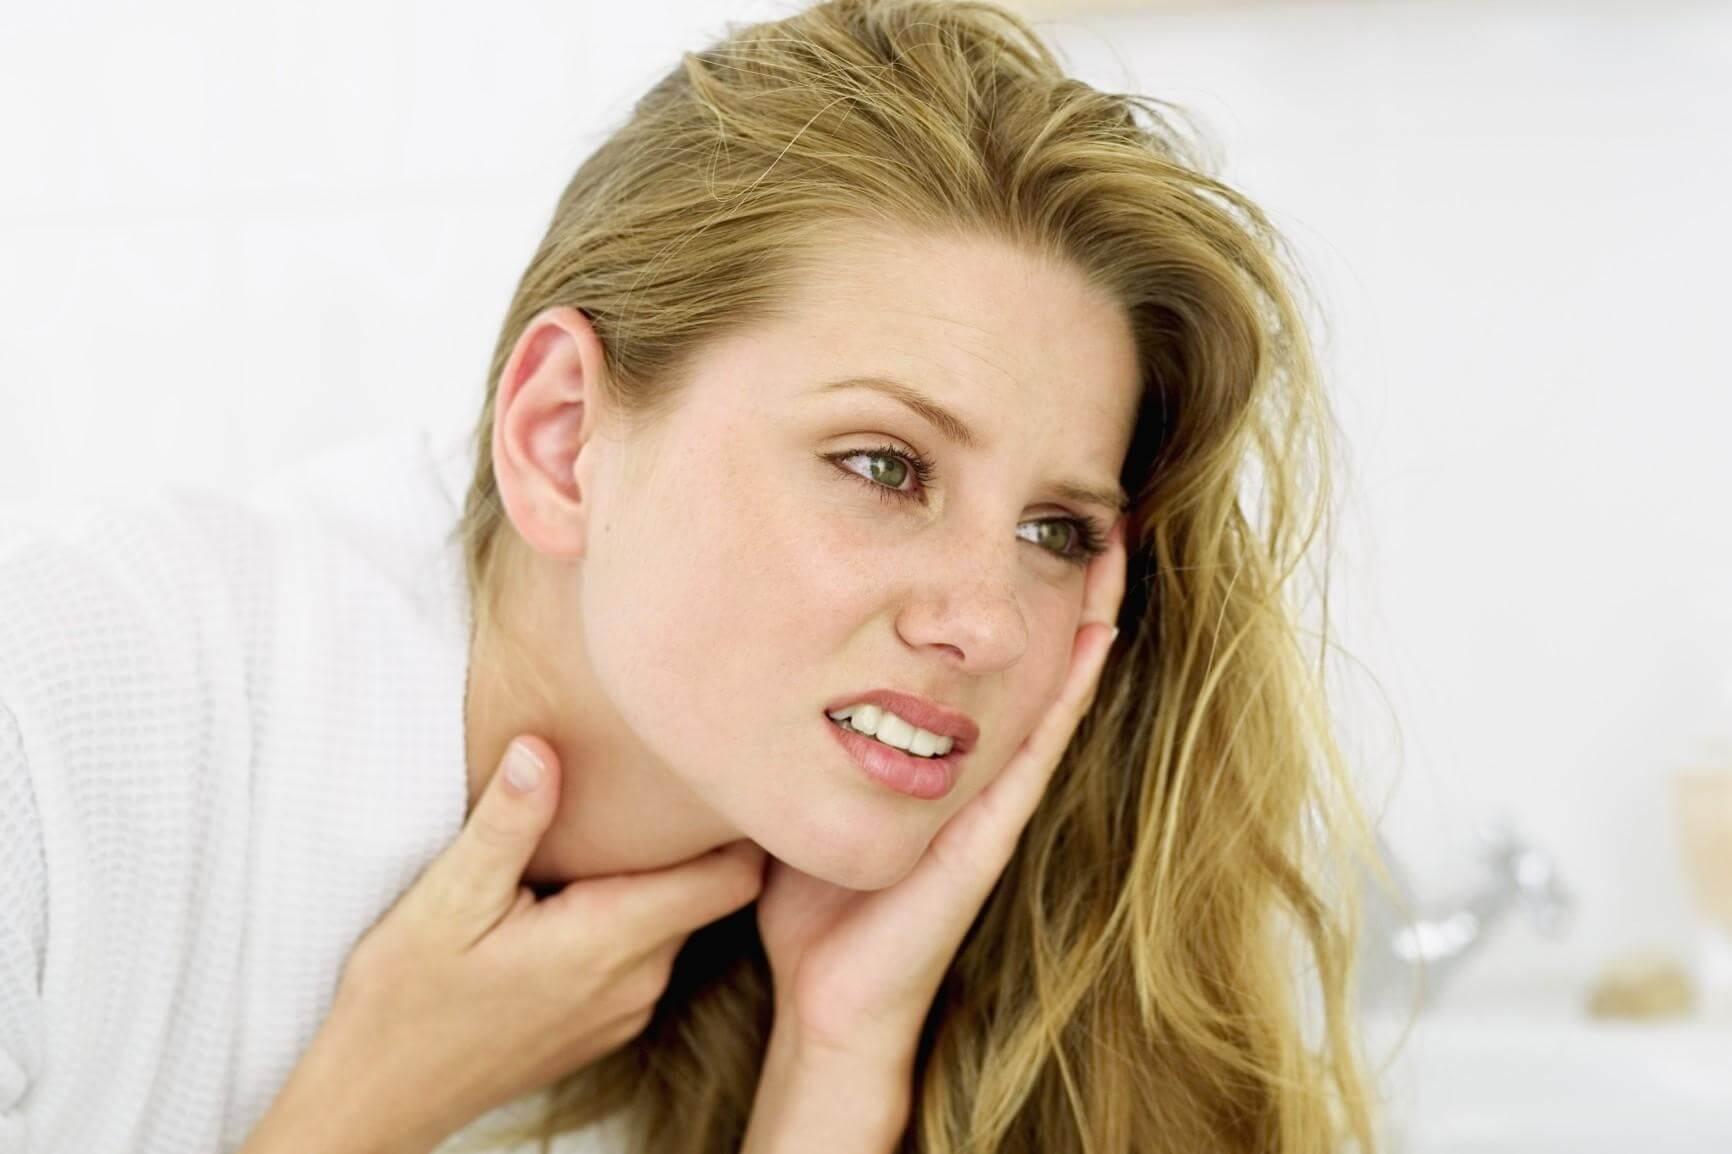 Охрипло горло — что может стать причиной и пути устранения симптома